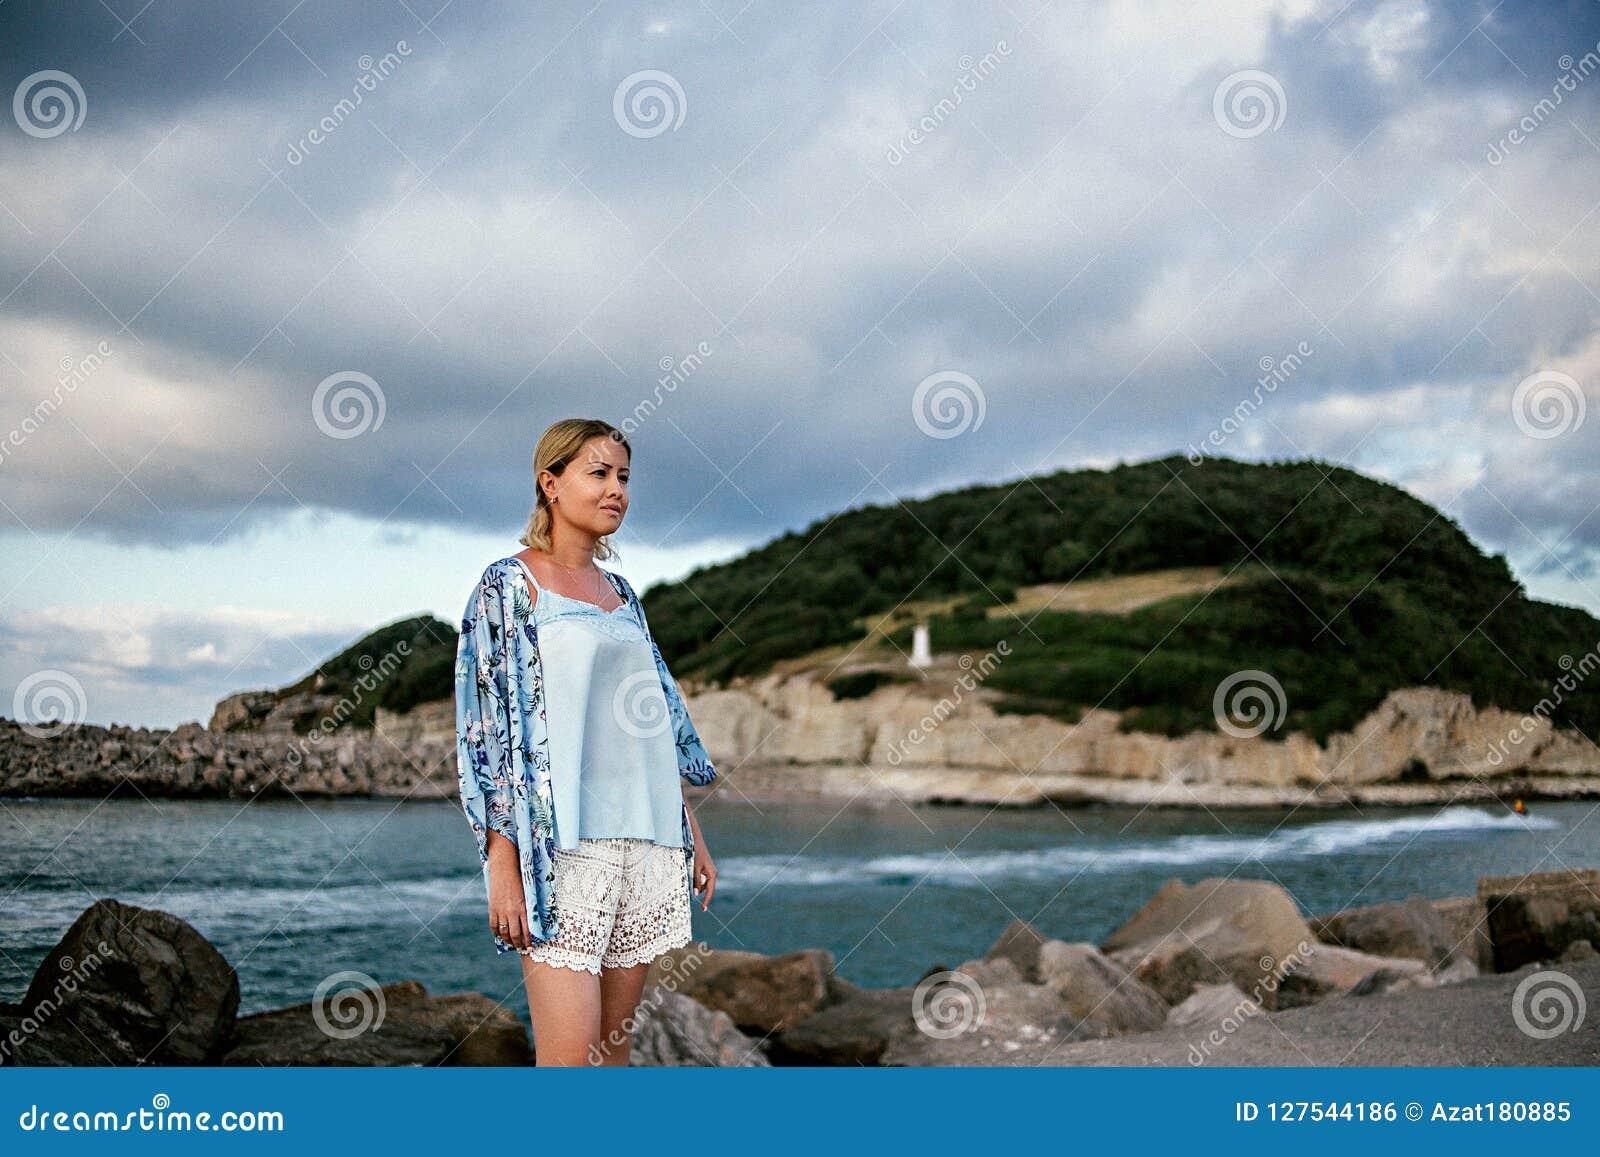 La belle jeune femme en été léger vêtx par la mer dans les montagnes de fond et le beau ciel